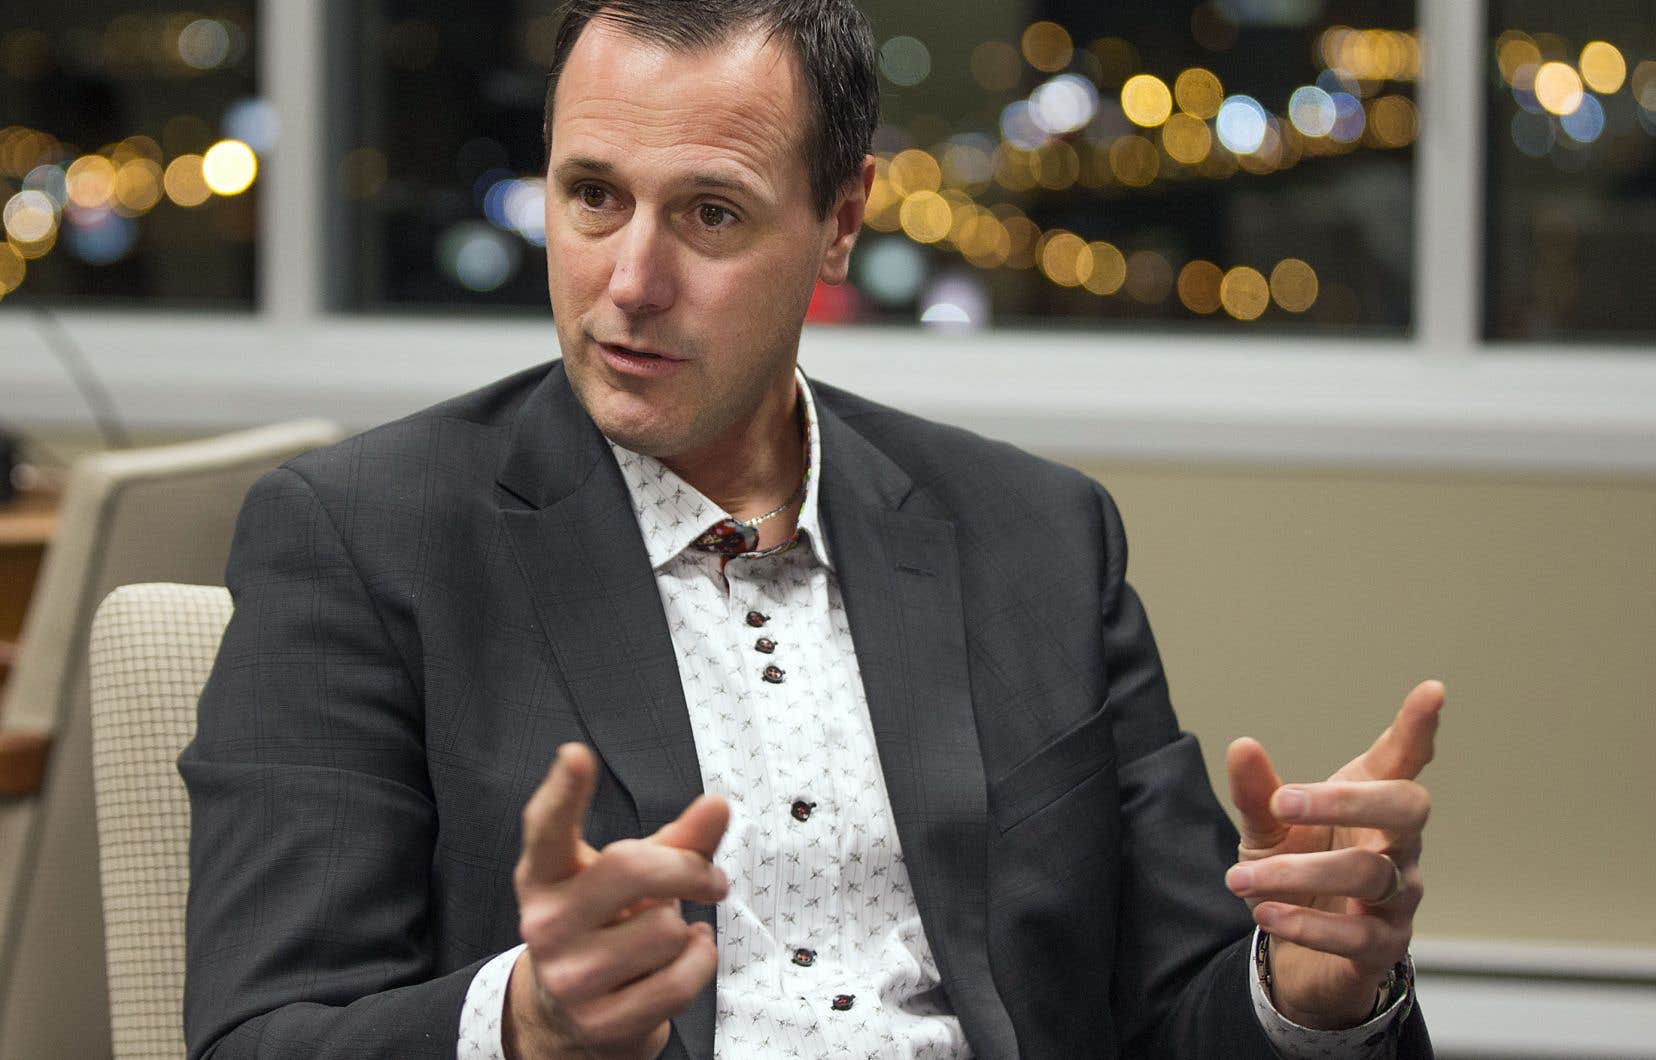 Le ministre de l'Éducation, Jean-François Roberge, compte profiter des négociations à venir sur le renouvellement de la convention nationale des enseignants — qui vient à échéance en mars 2020 — pour augmenter de 8000$ le salaire initial dans la profession, qui passera de 45 000$ à 53 000$.